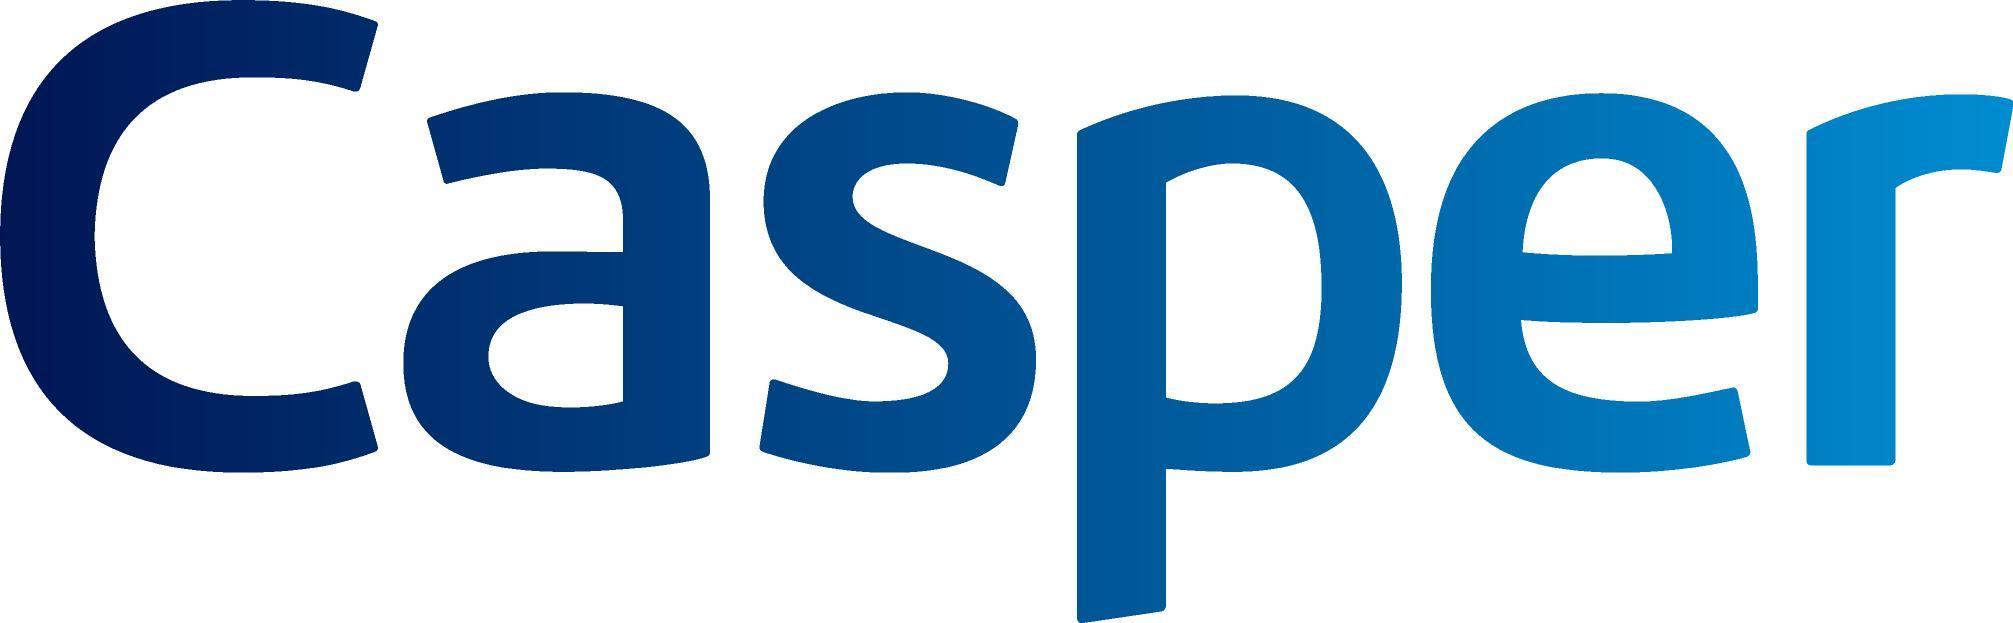 Casper GSM dépannage mobile pc tablette à Belfort